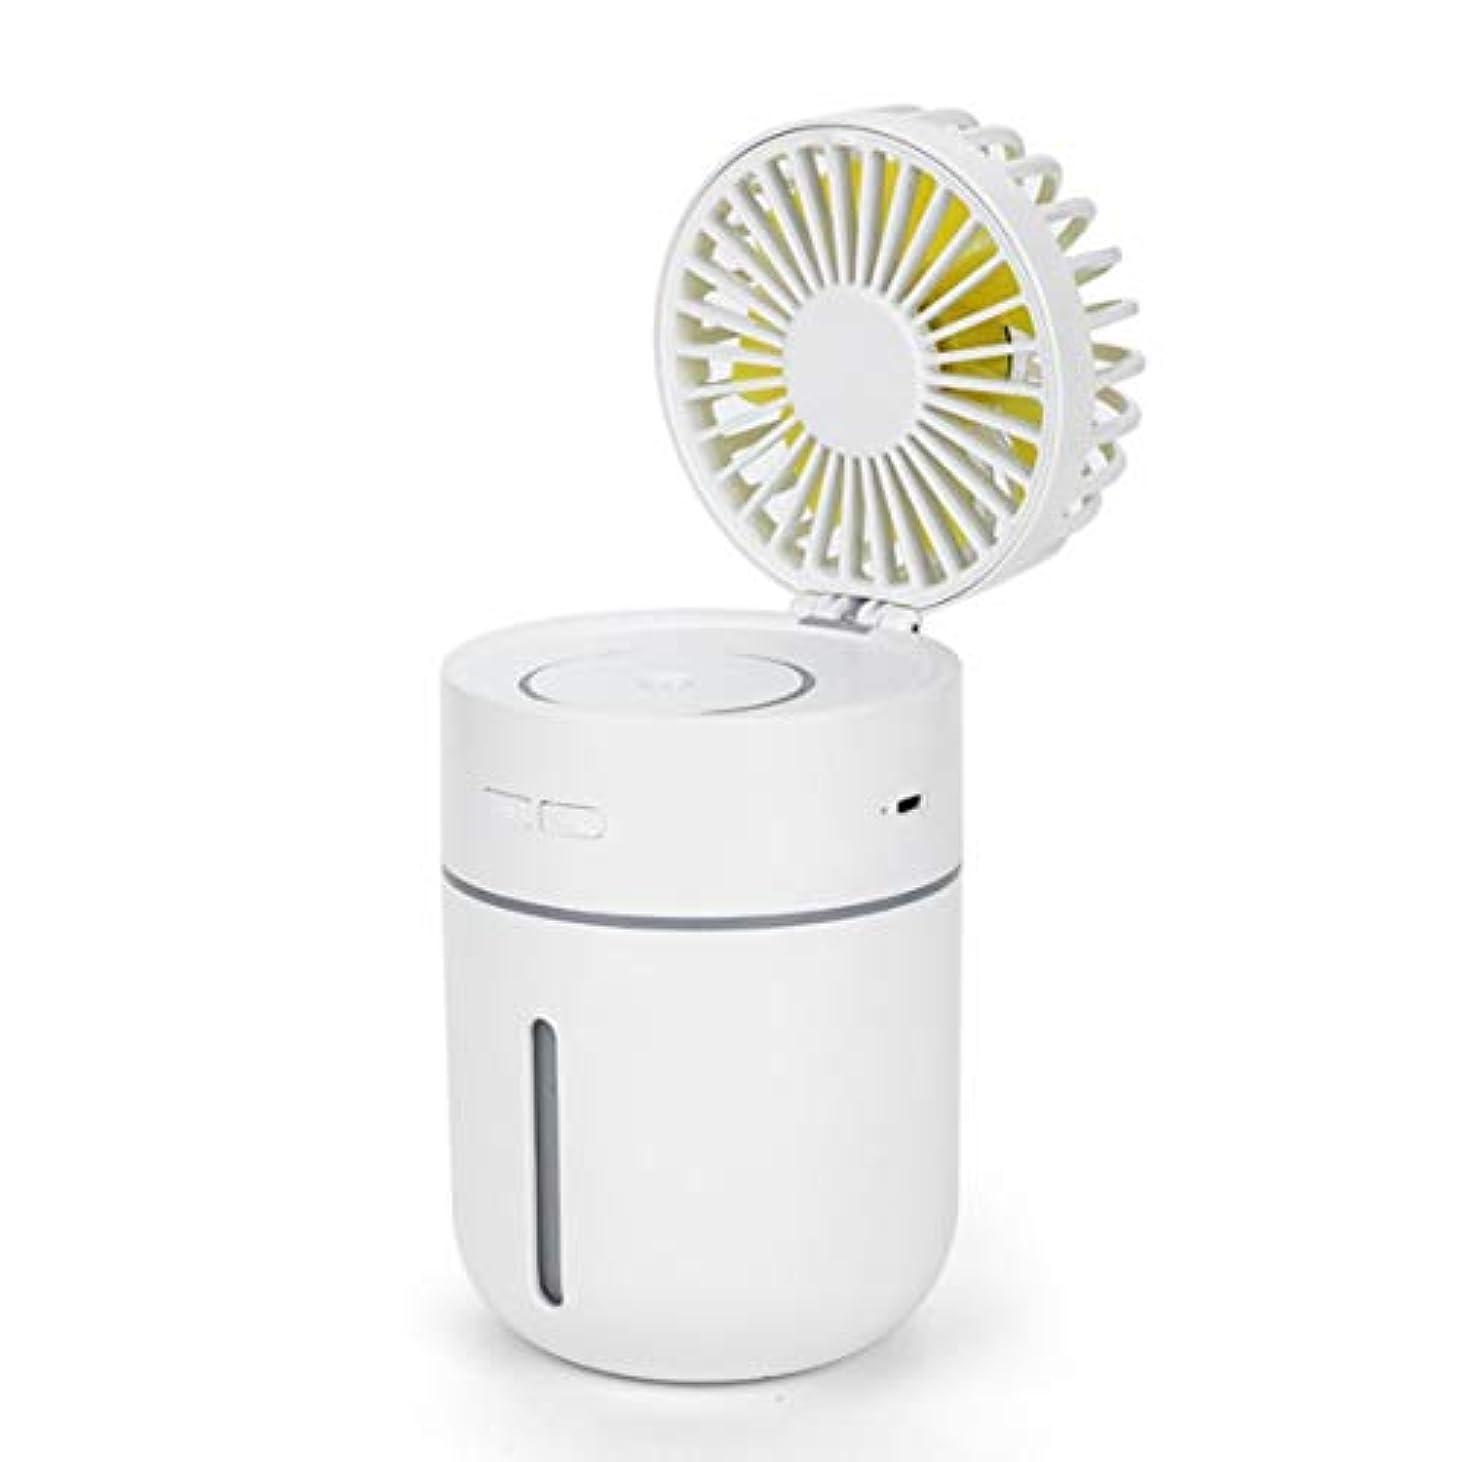 動員する公園十一Intercorey 2 in 1ミニかわいいデザイン加湿器USB空気加湿器家庭用寝室ミュートデザインポータブルファンテーブル